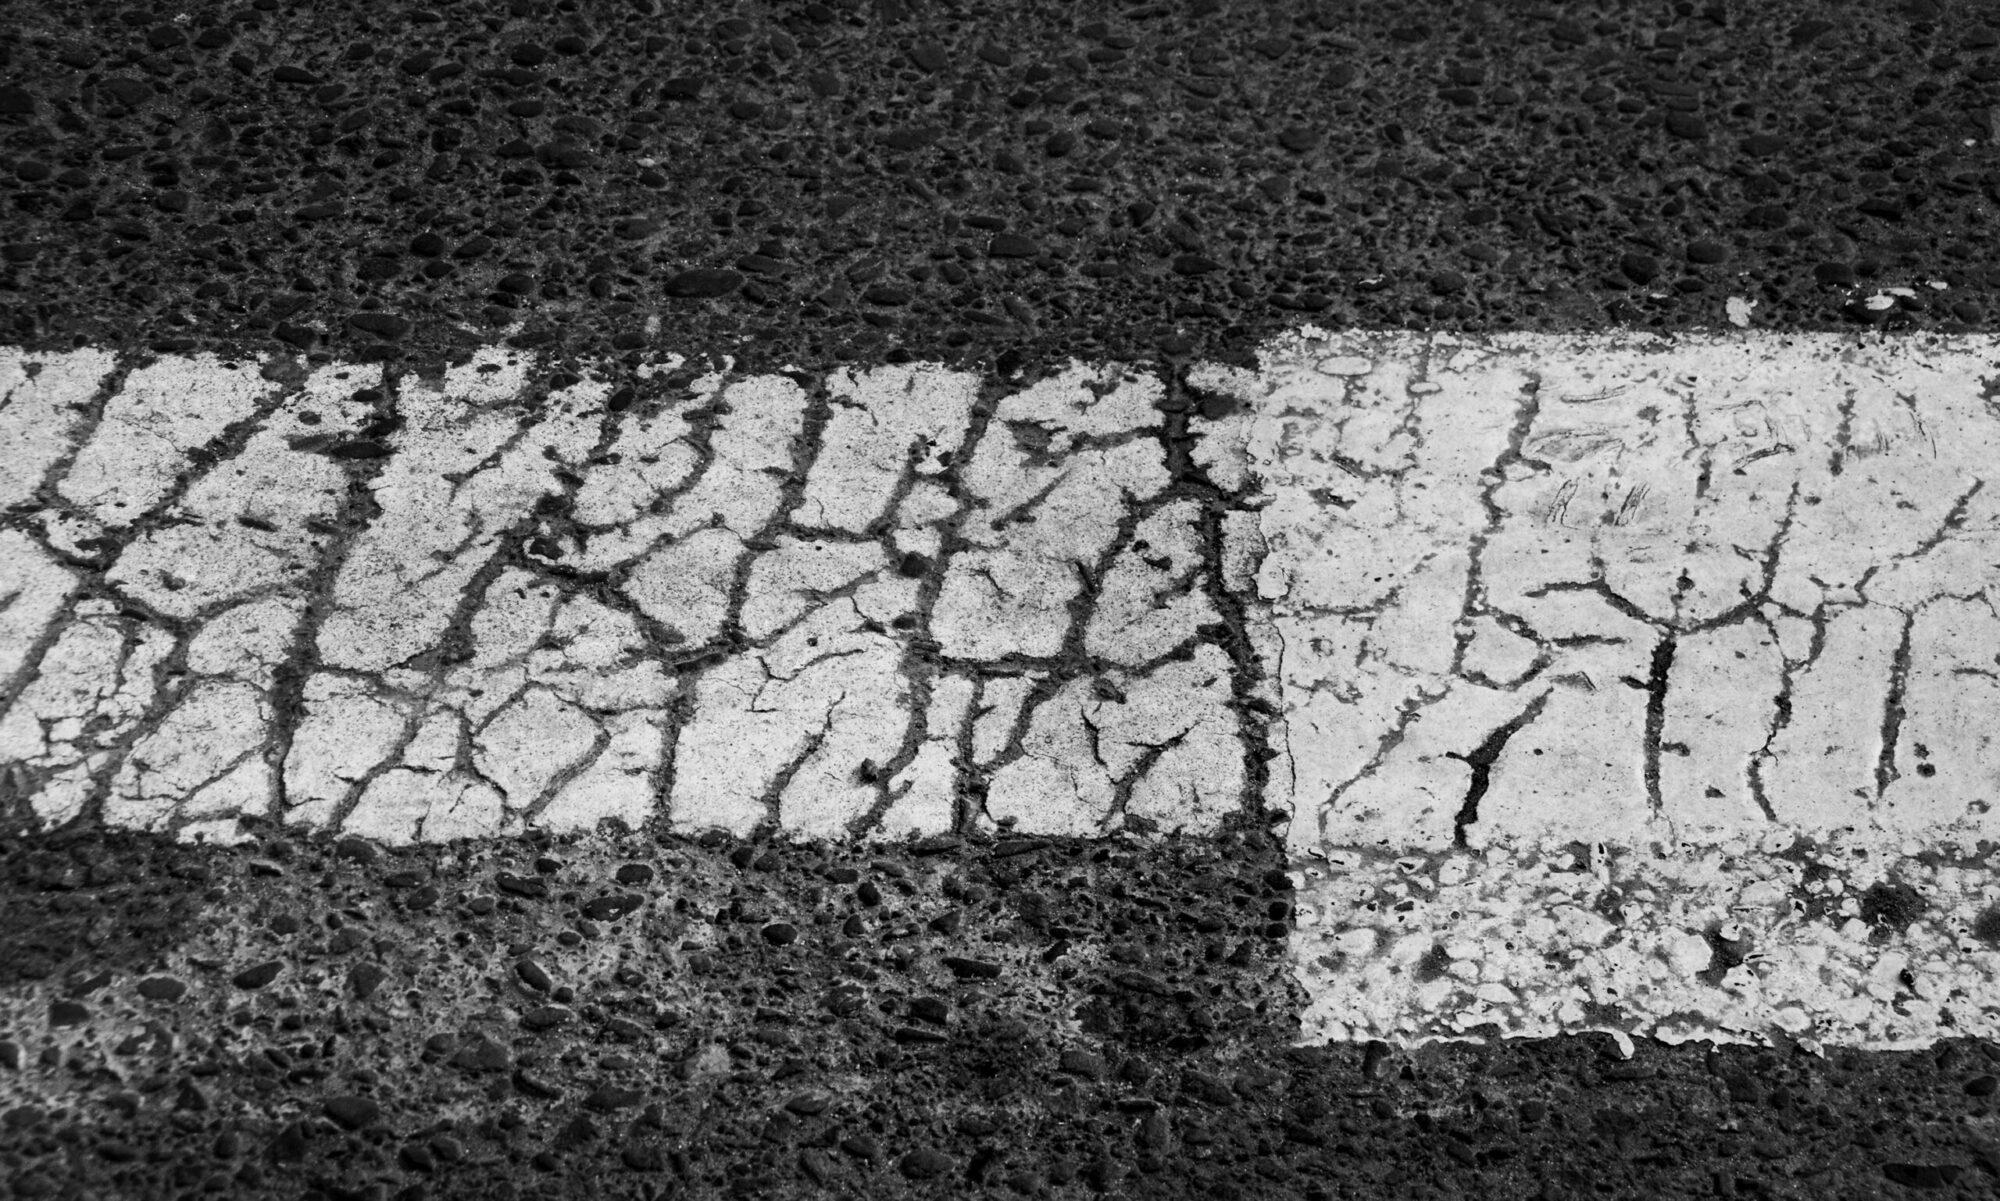 Asphalt: Lines & Lives